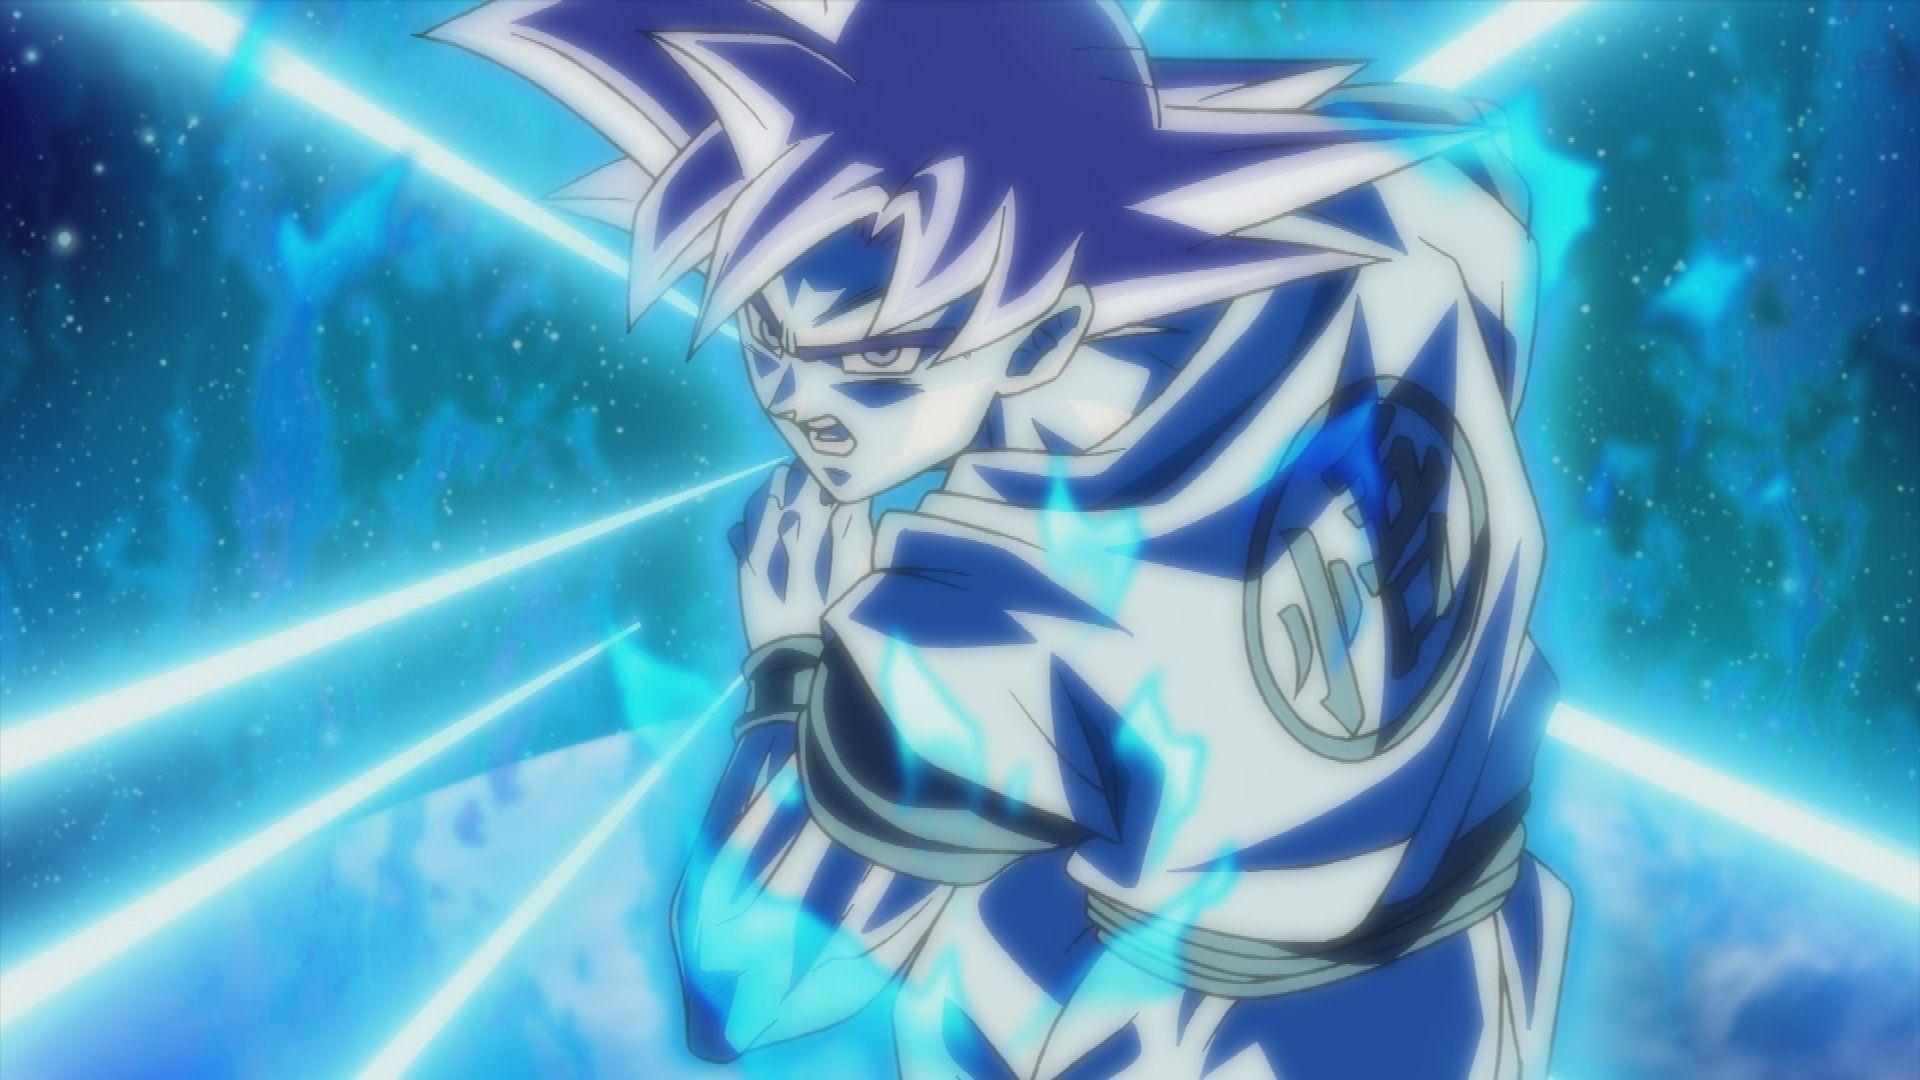 Goku Kamehame Wave Goku Wallpaper Dragon Ball Wallpapers